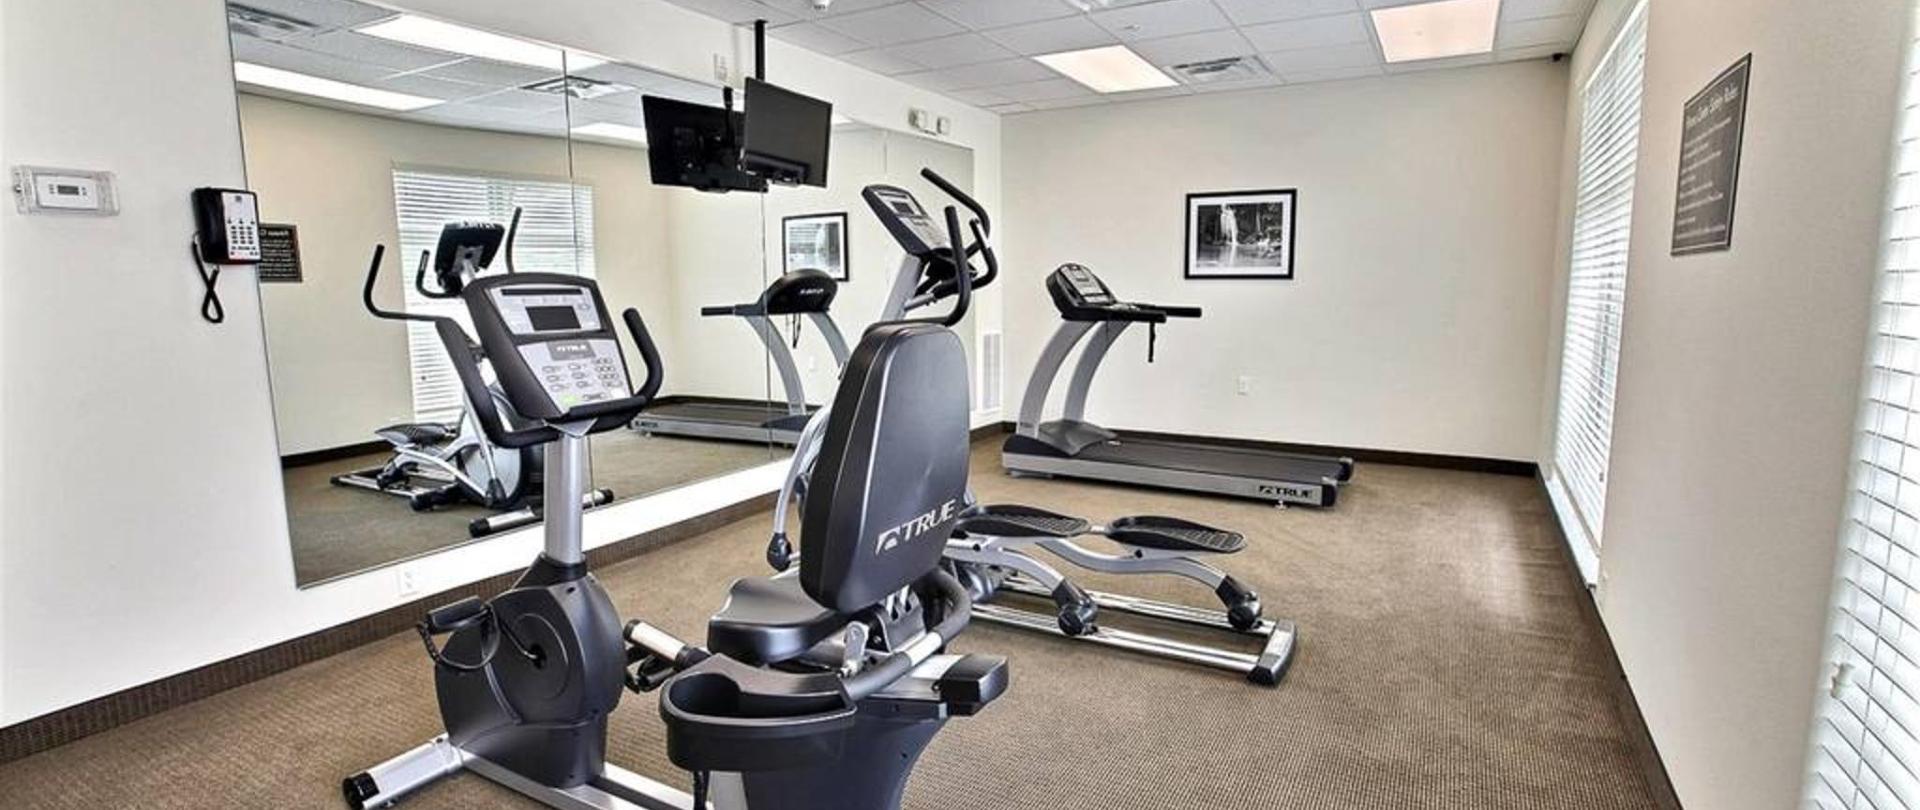 ok223-workout-rm23341.JPG.1024x0.JPG